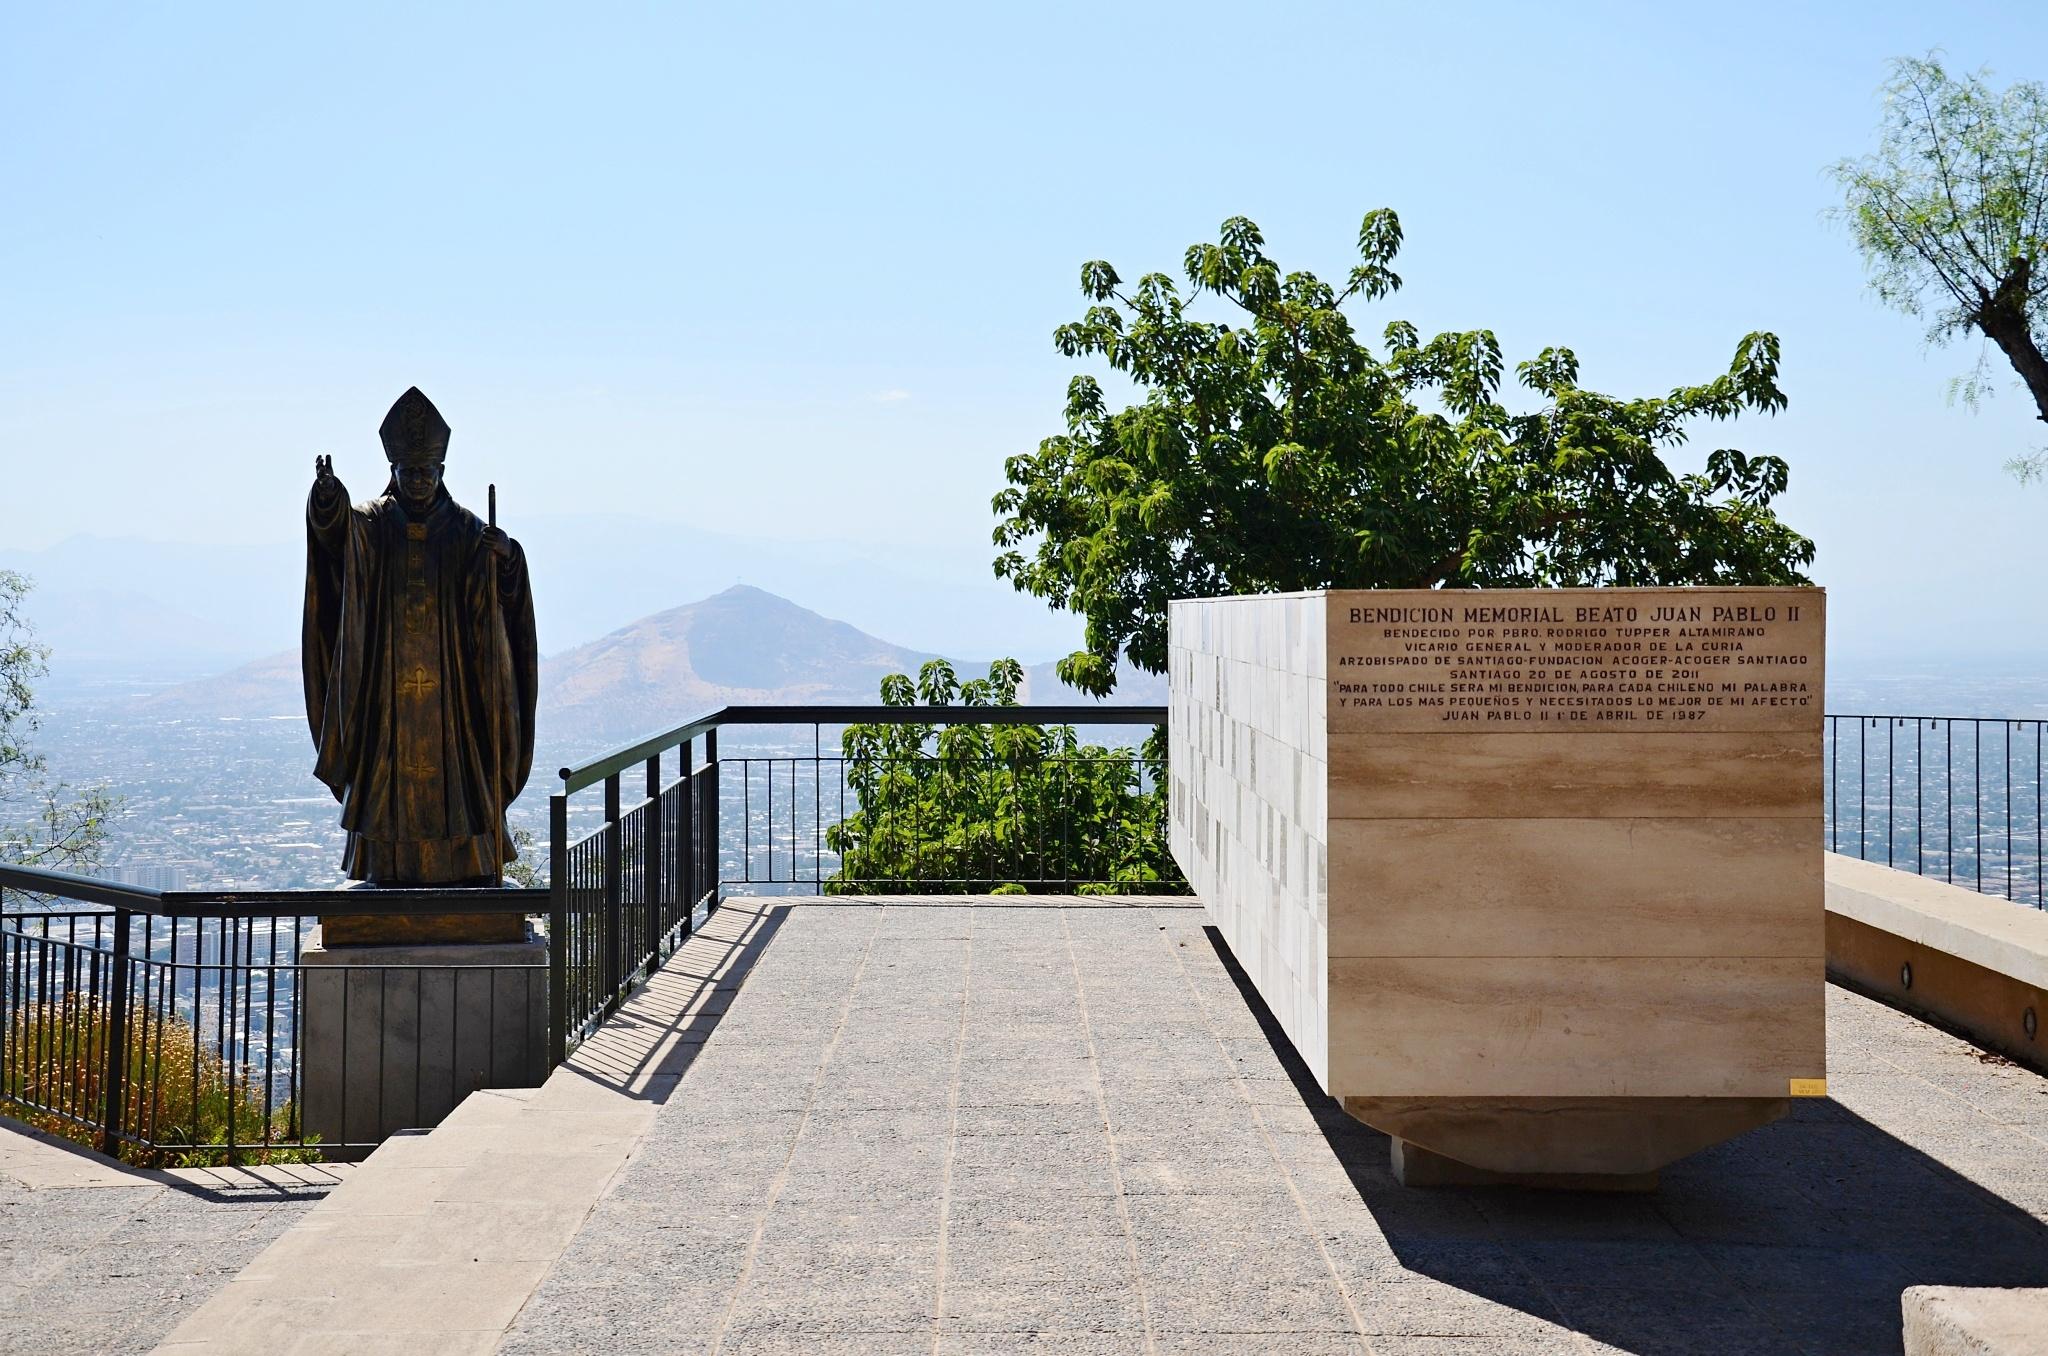 Památník věnovaný papeži Janu Pavlu II.